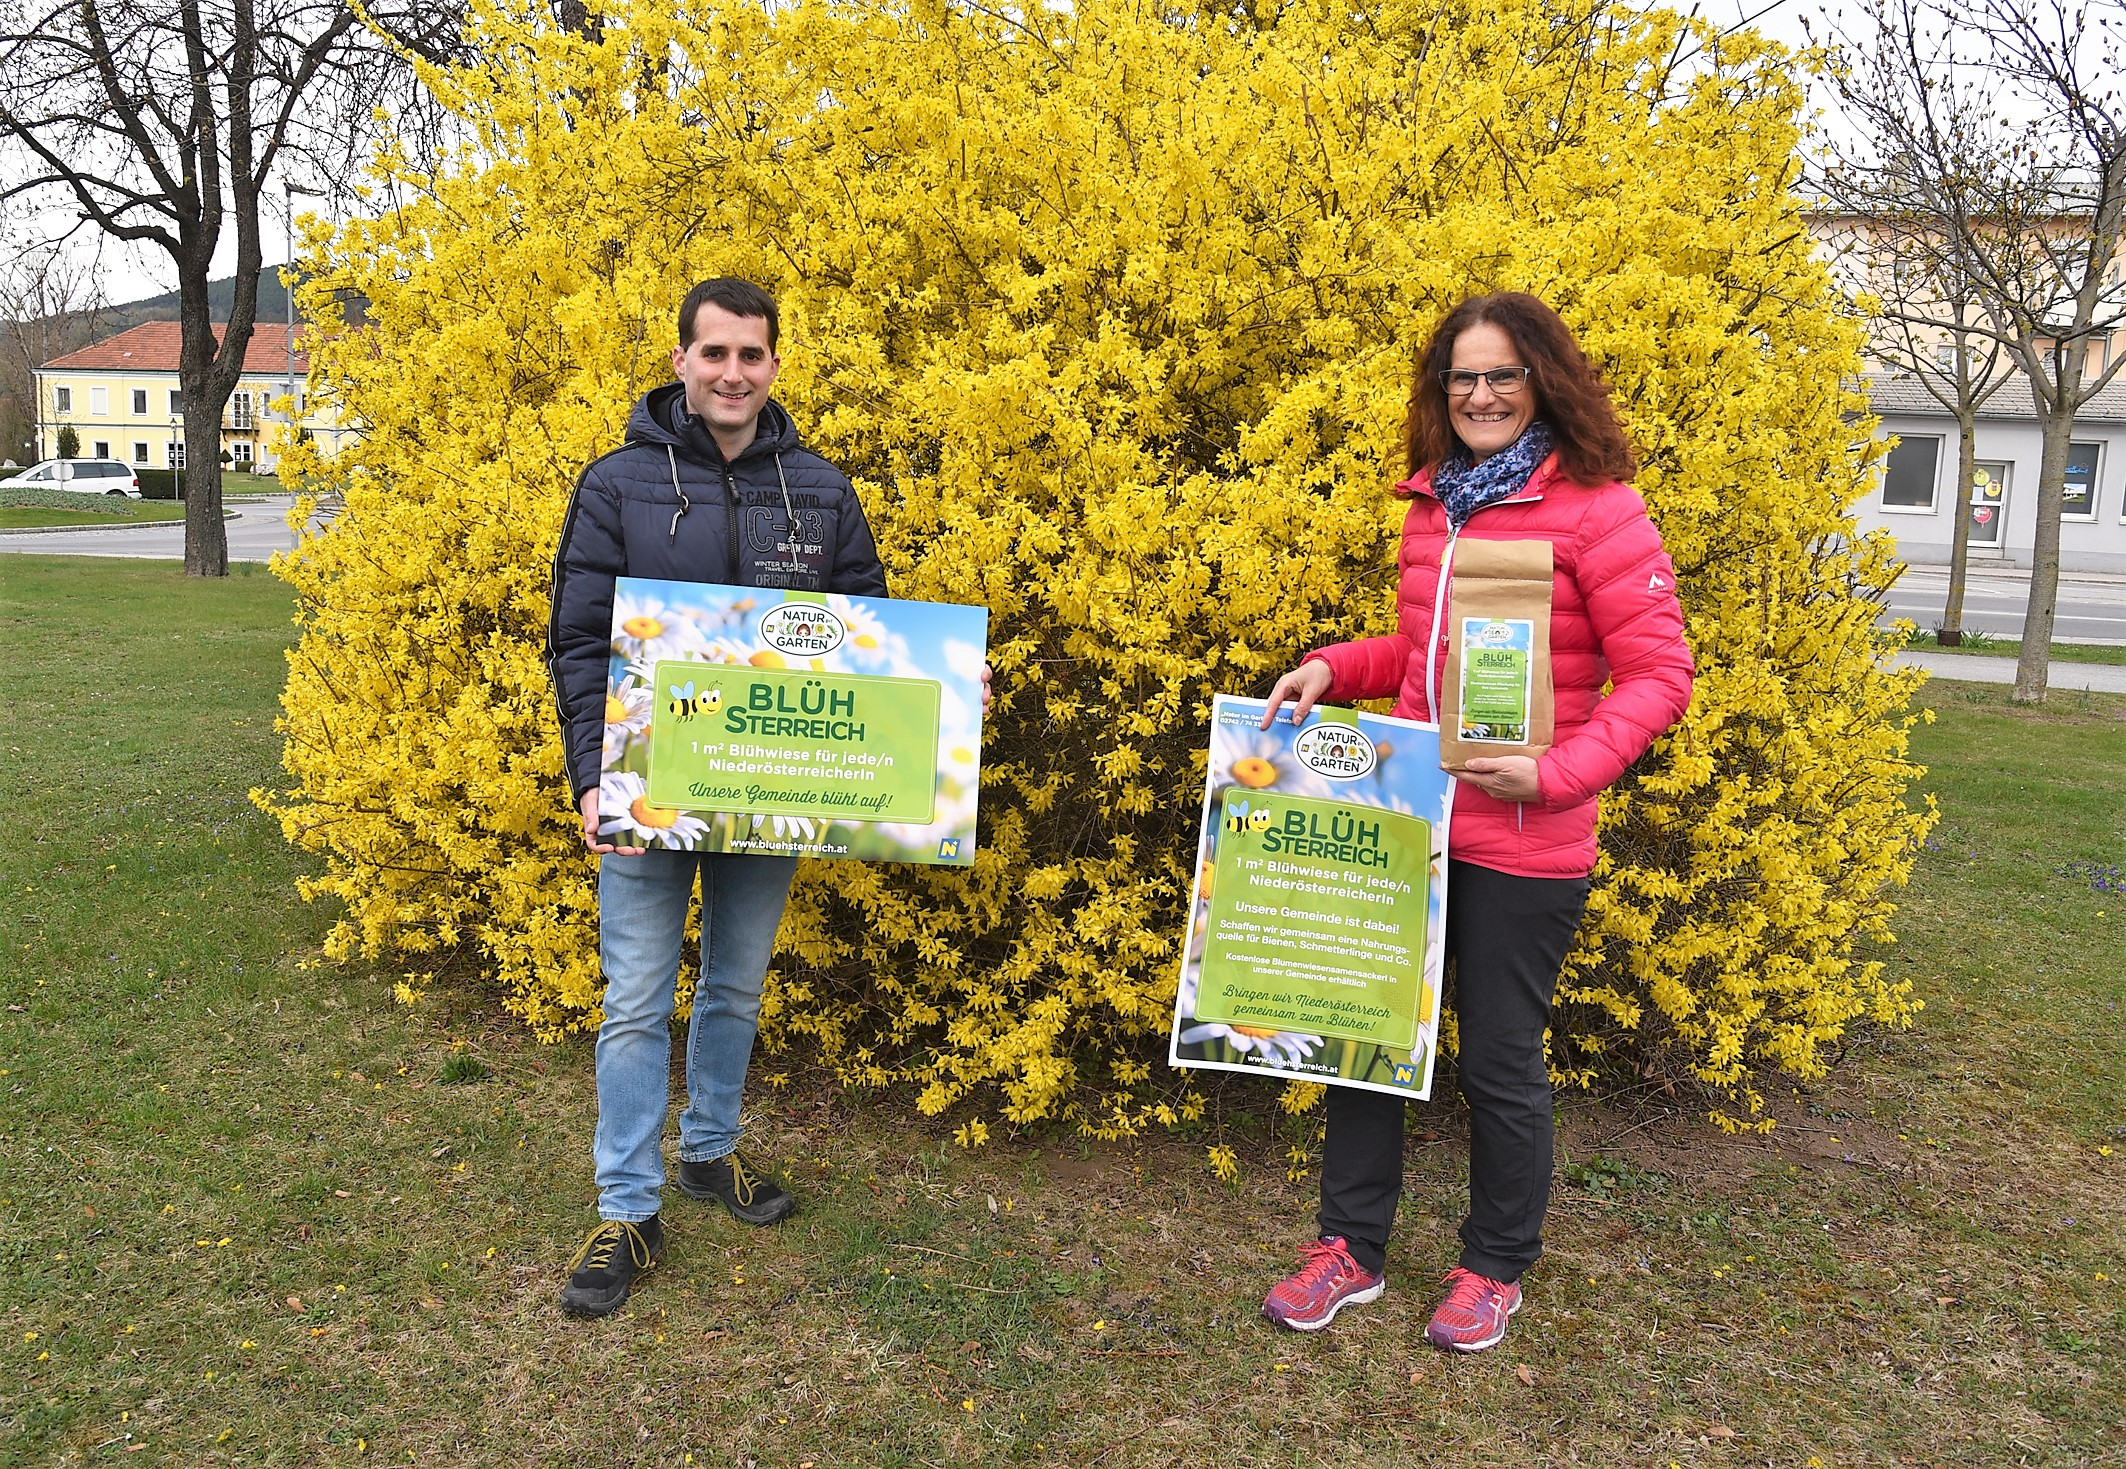 Am Blühwiesensonntag gibt es im Ternitzer Herrenhaus-Park Blumensamen